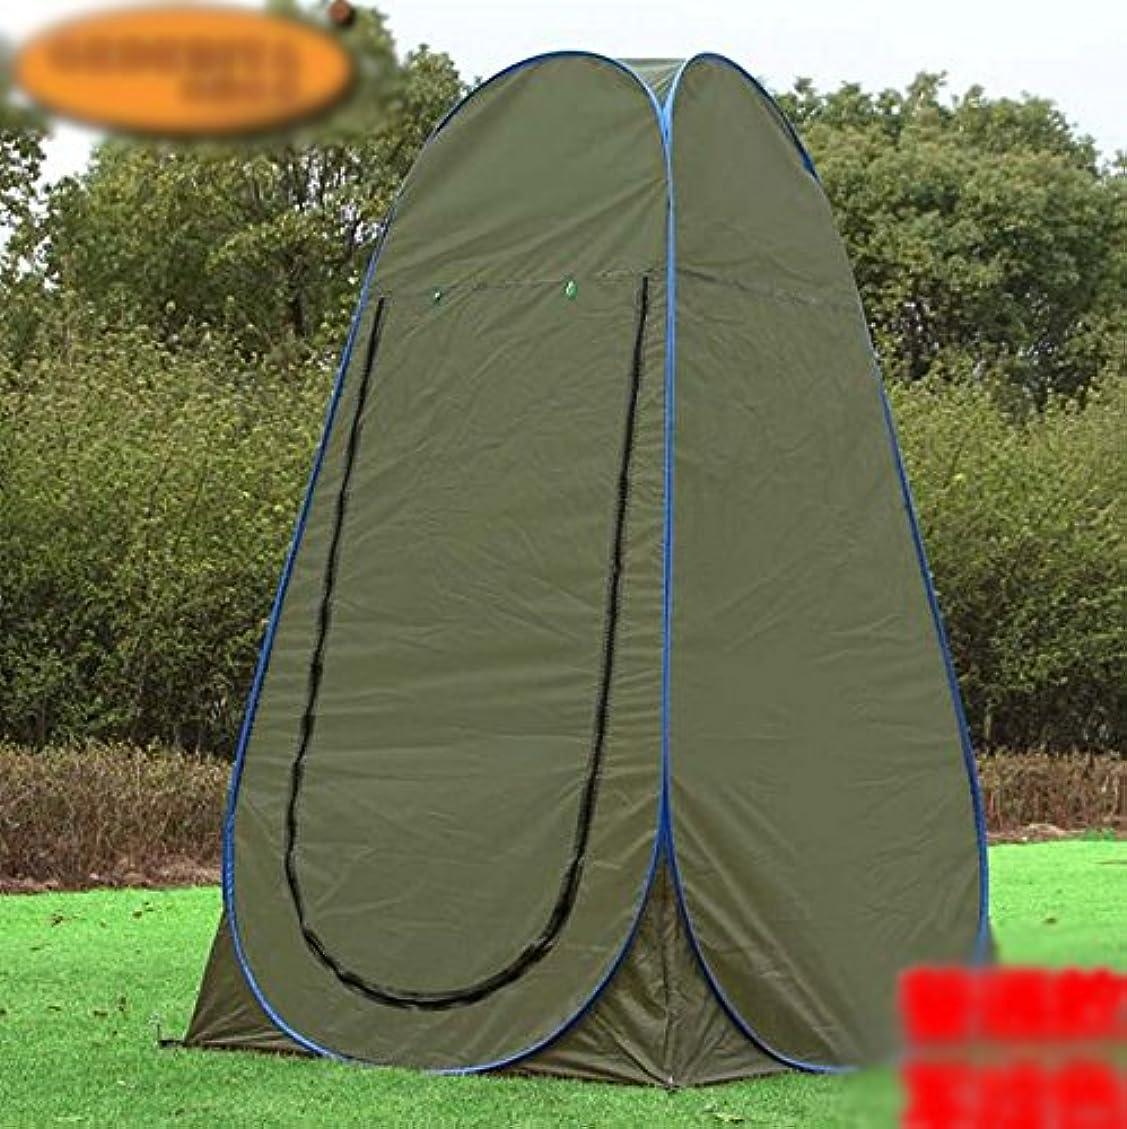 石ぞっとするような辞書レジャー用品 ポータブル 更衣室 簡単設置 テント